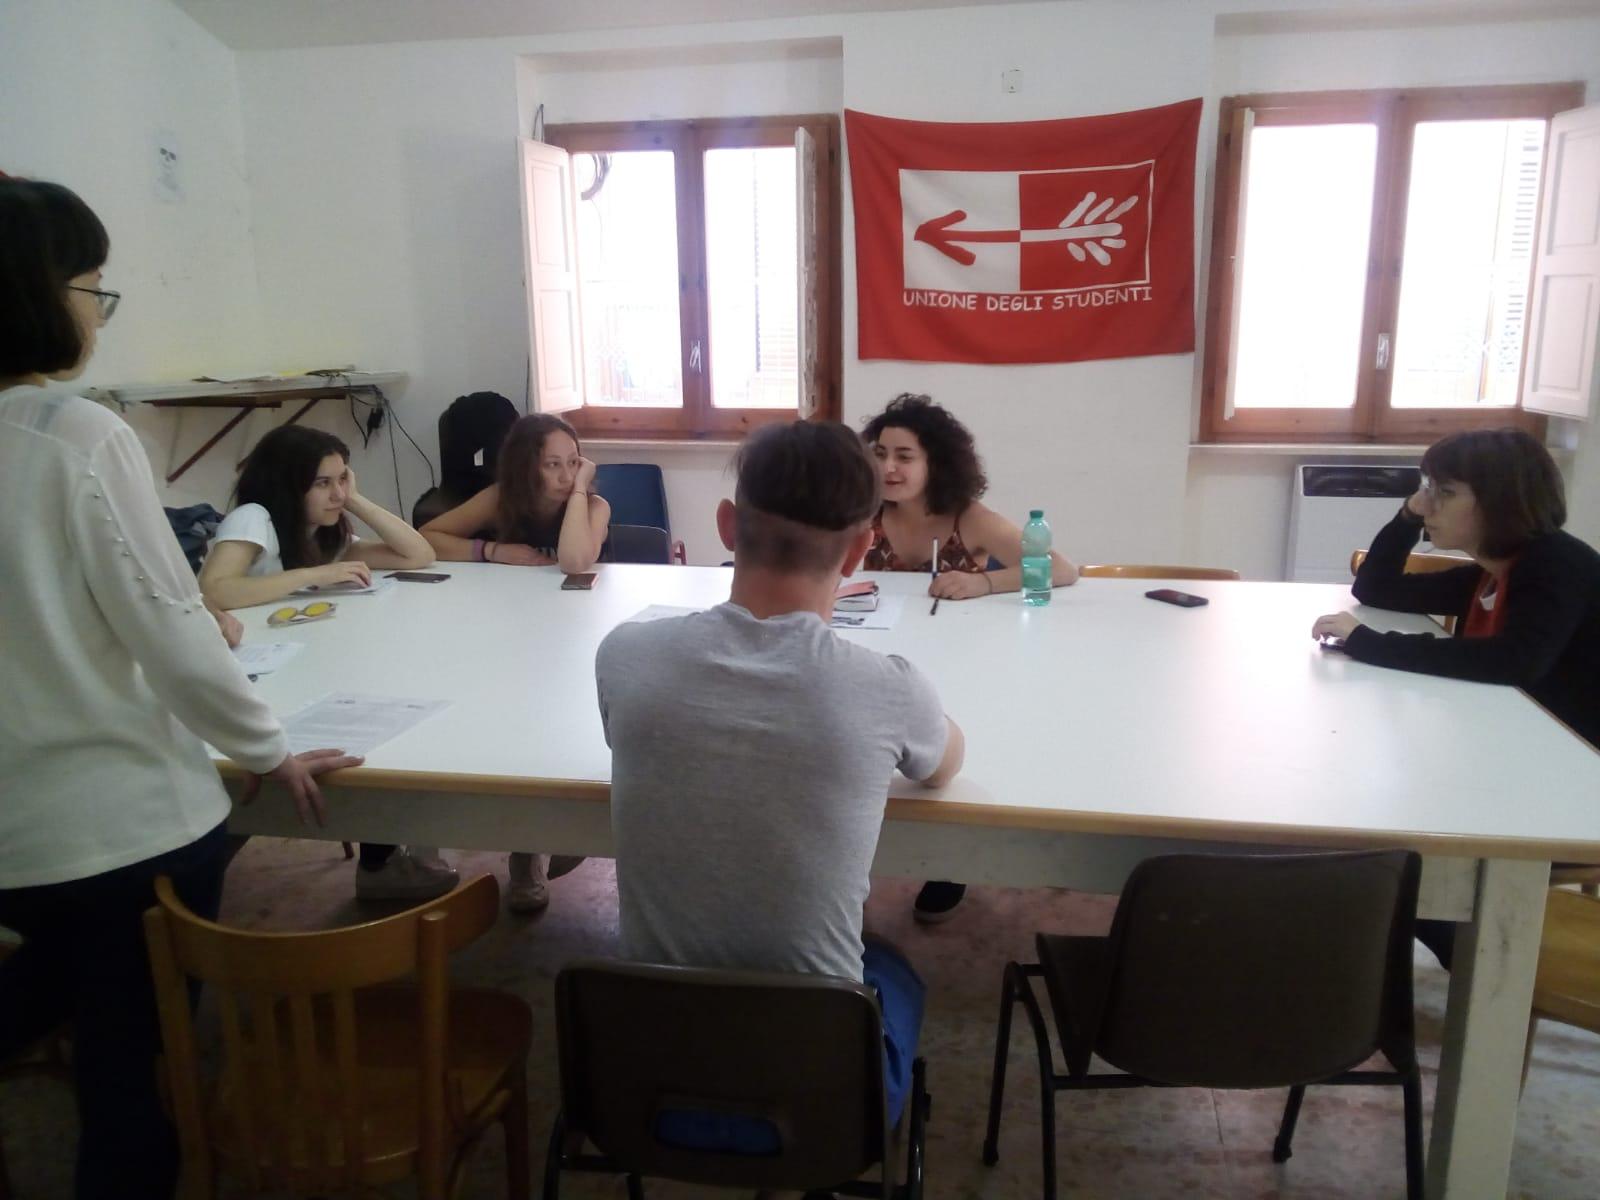 Santa Croce, nasce l'Unione degli Studenti